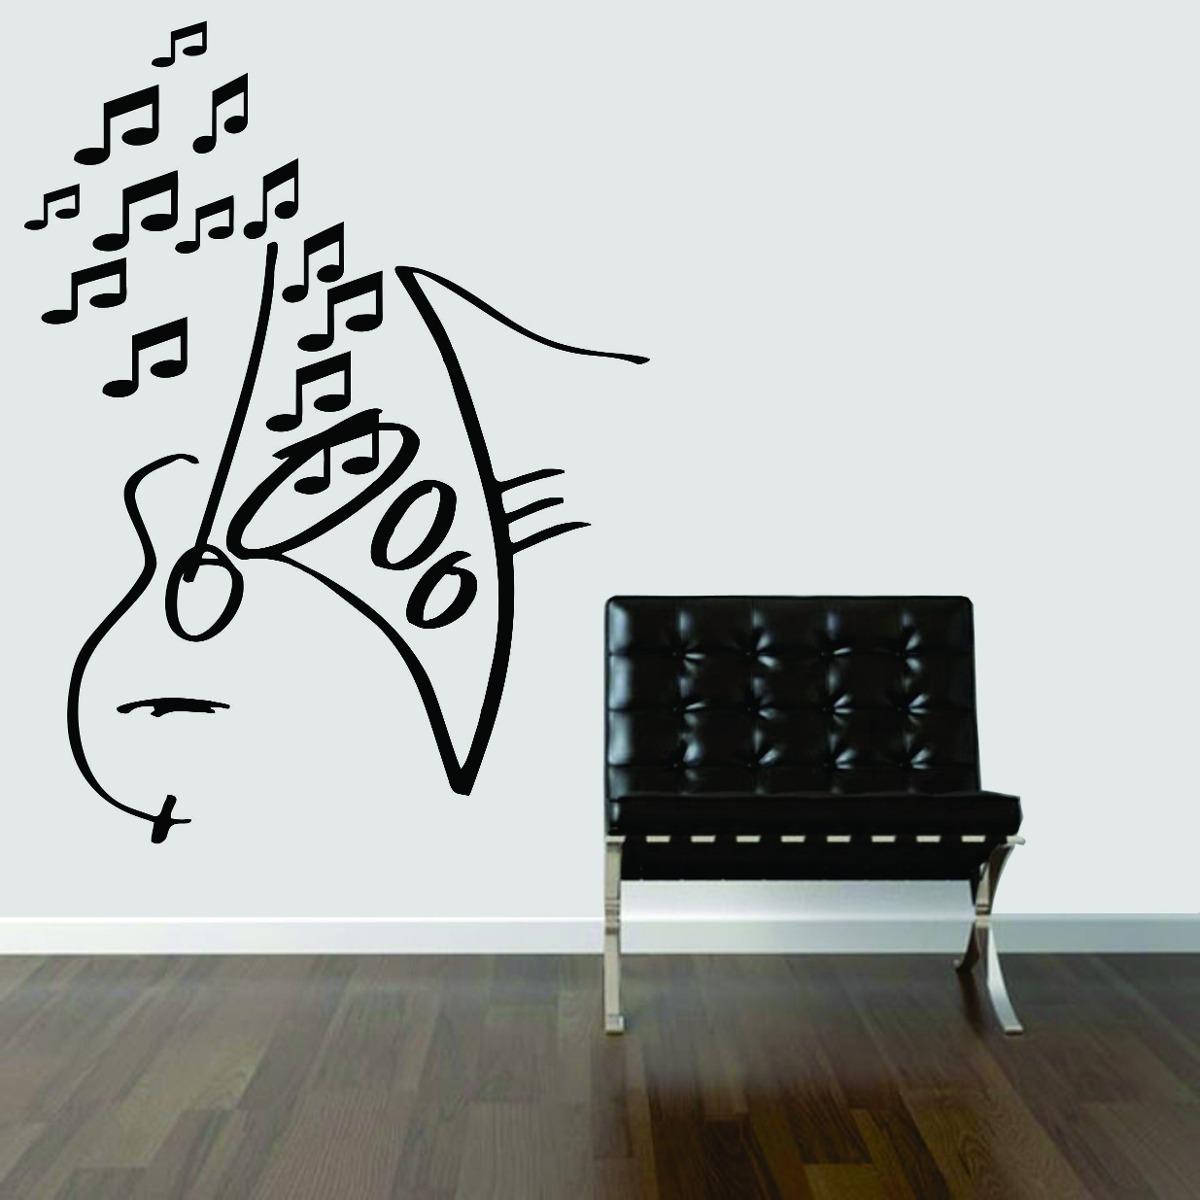 Artesanato Feltro Passo A Passo ~ Adesivo De Parede Música Viol u00e3o Saxofone Notas Musicais R$ 24,99 em Mercado Livre